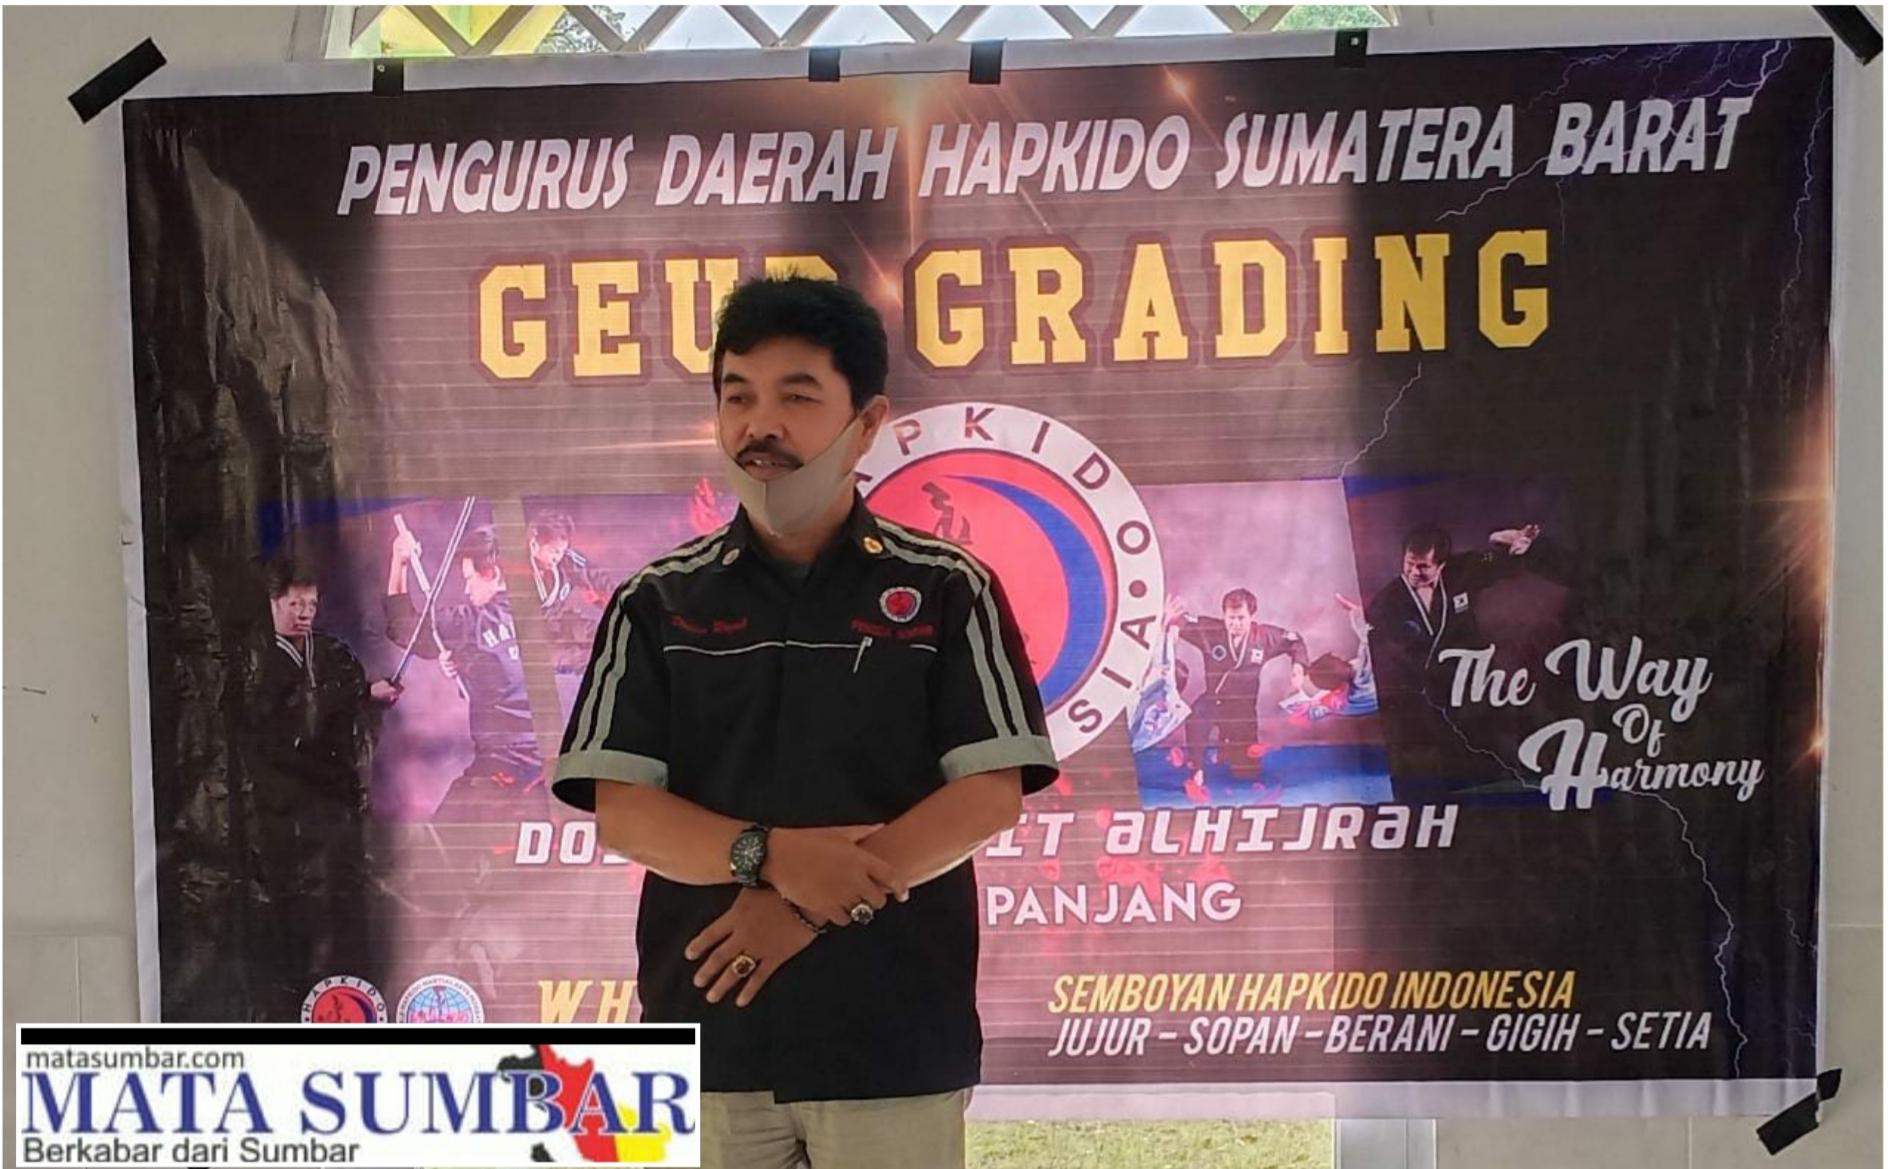 Pengurus Hapkindo Padang Panjang Laksanakan Rapat Tehnik Sekaligus Membentuk Panitia Pelaksana 3rd. Short Course, dan UKT